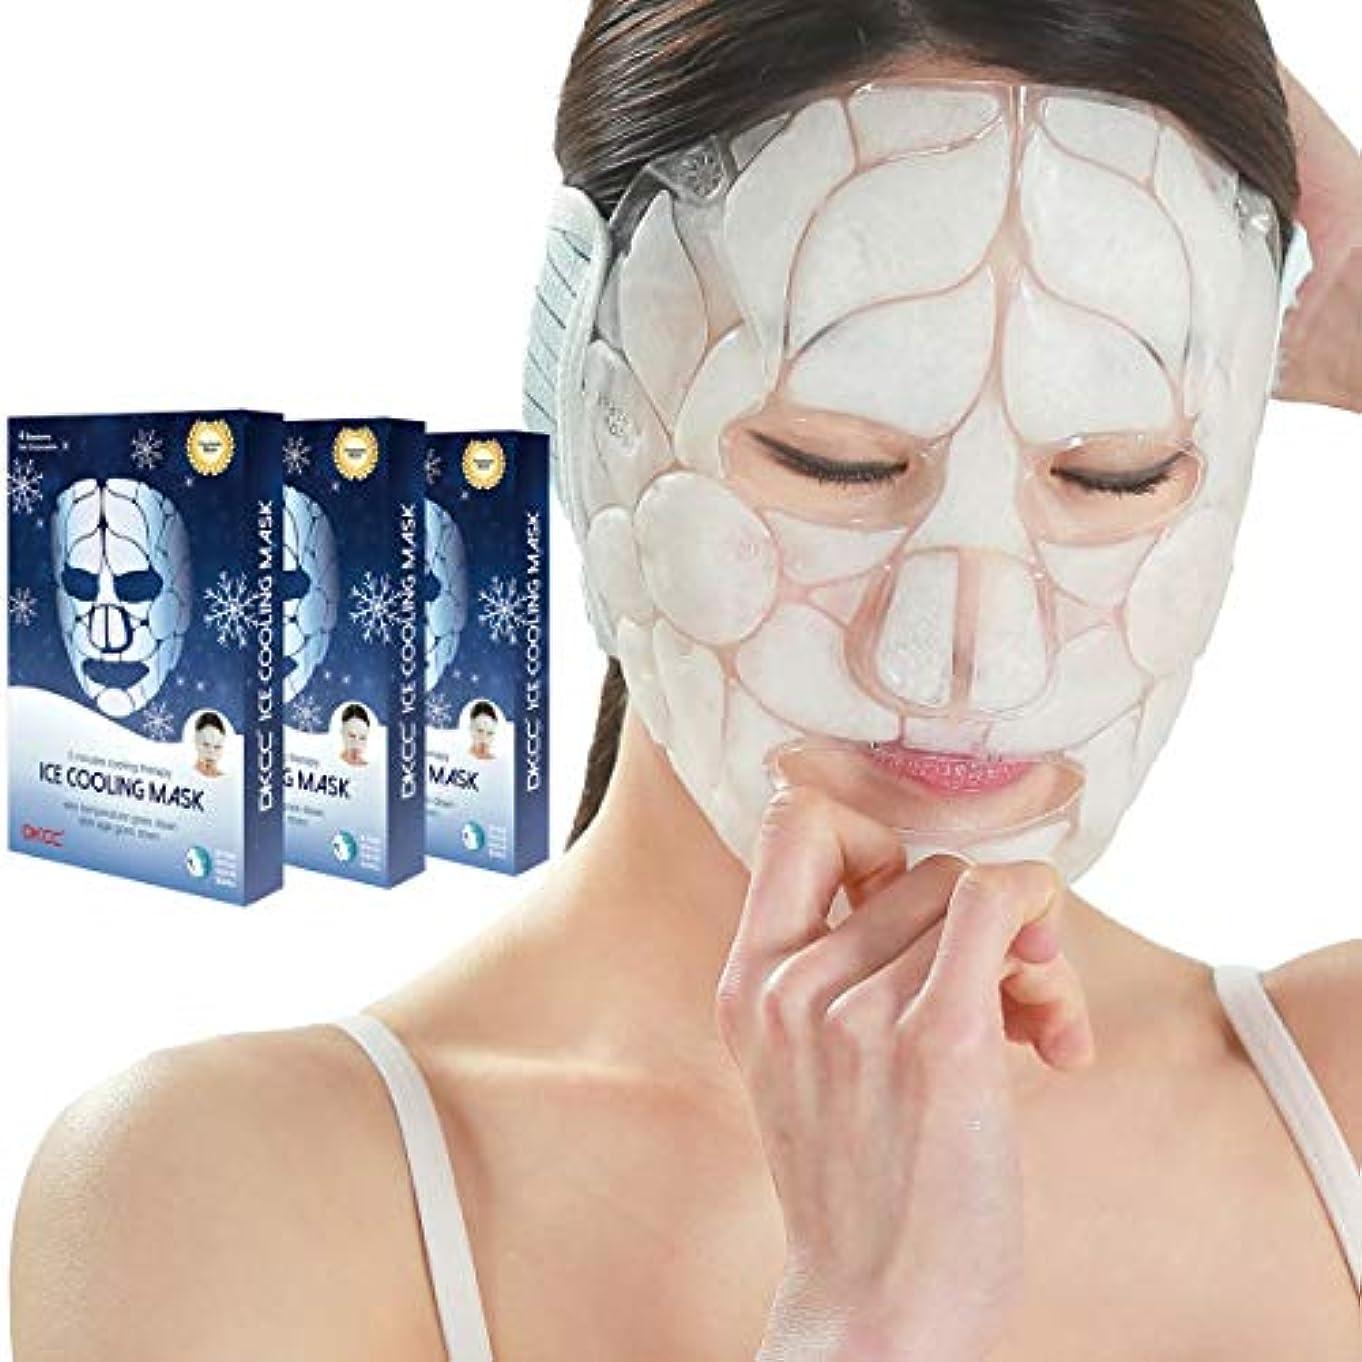 消費鯨夢中DKCC アイスクーリングマスク